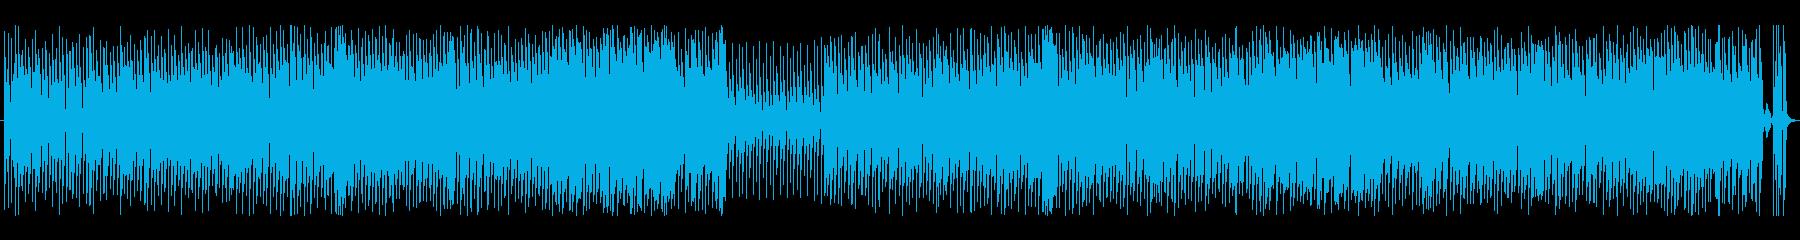 クッキングとヘアメイク動画に合うポップスの再生済みの波形